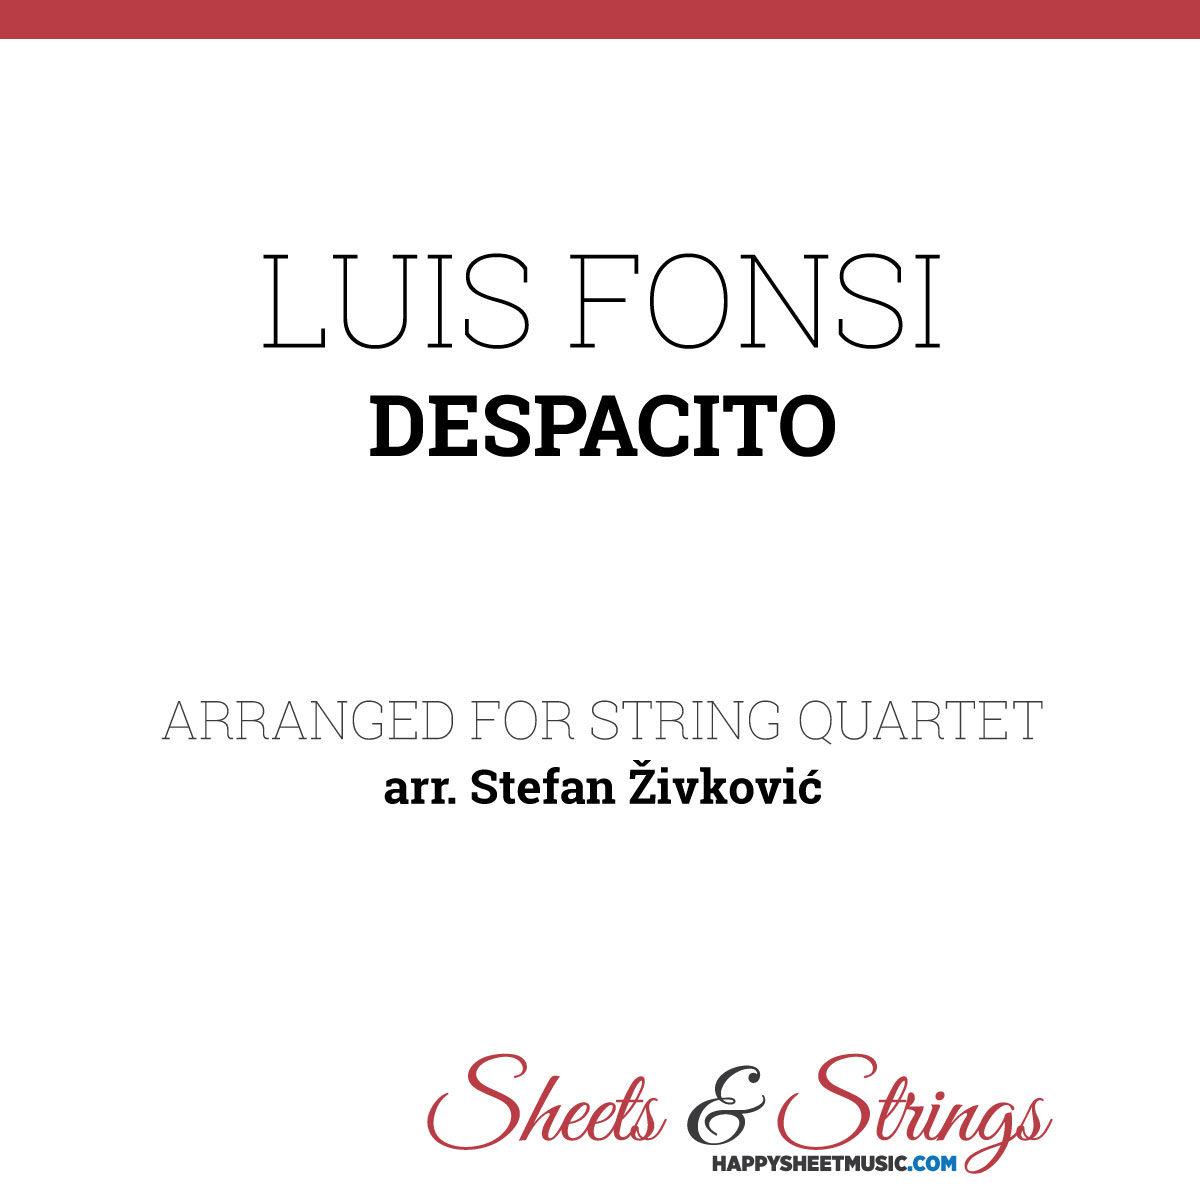 Luis Fonsi - Despacito - Sheet Music for String quartet - Violin Sheet Music - Viola Sheet Music - Cello Sheet Music